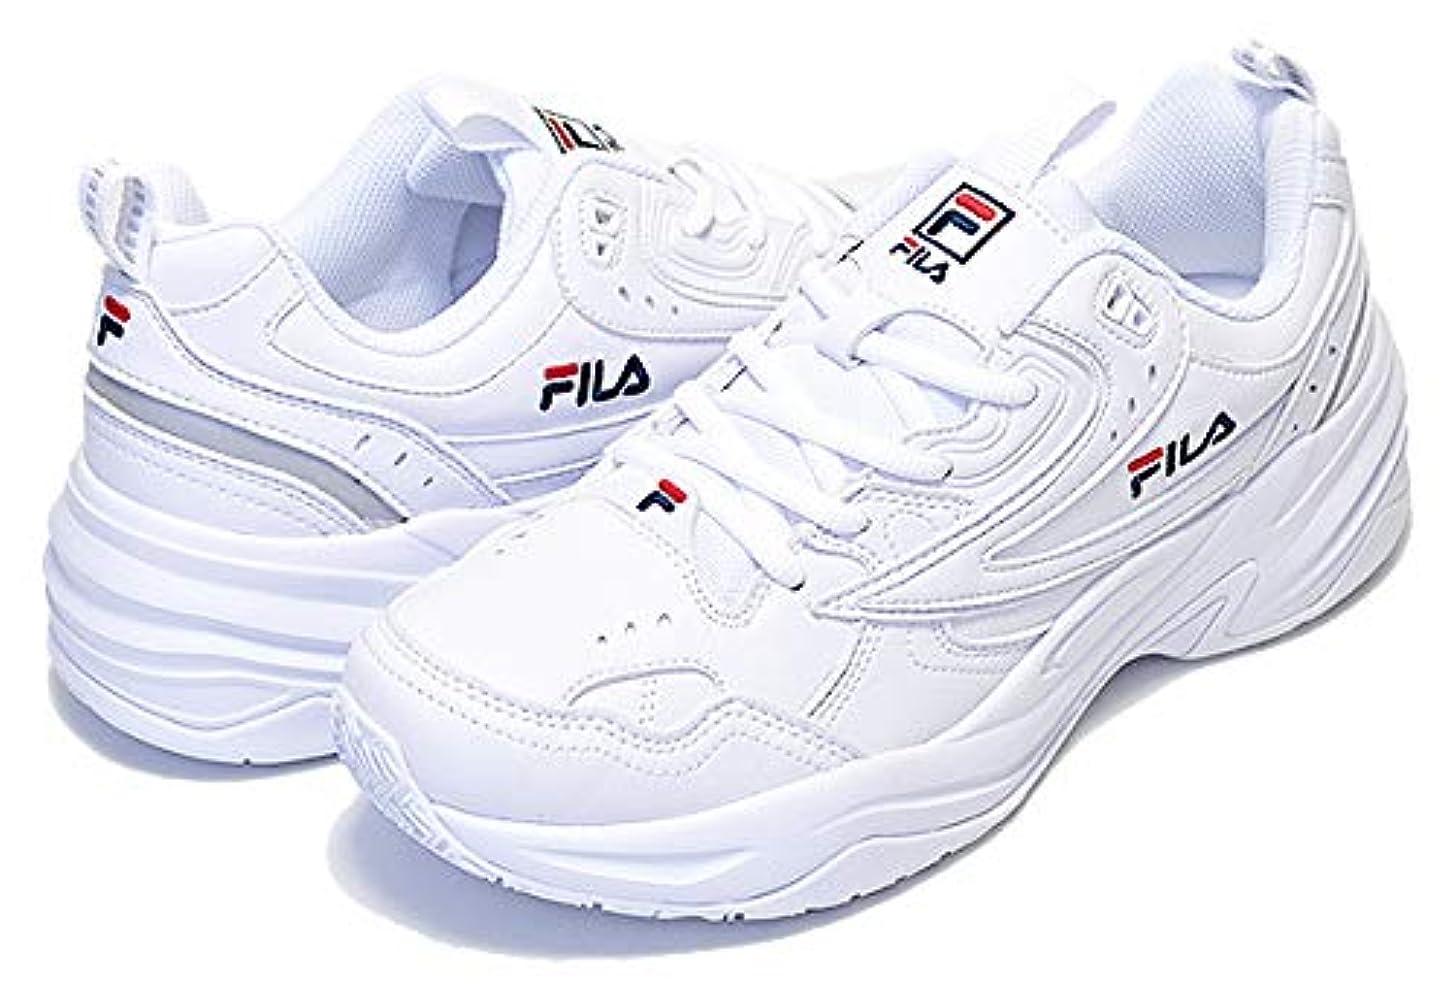 宙返り酸化物運河[フィラ] ピースワイズ PIECEWISE white スニーカー ホワイト 厚底 スニーカー FS1SIA3280X WWT 白 DAD SHOE ダッド シューズ [並行輸入品]